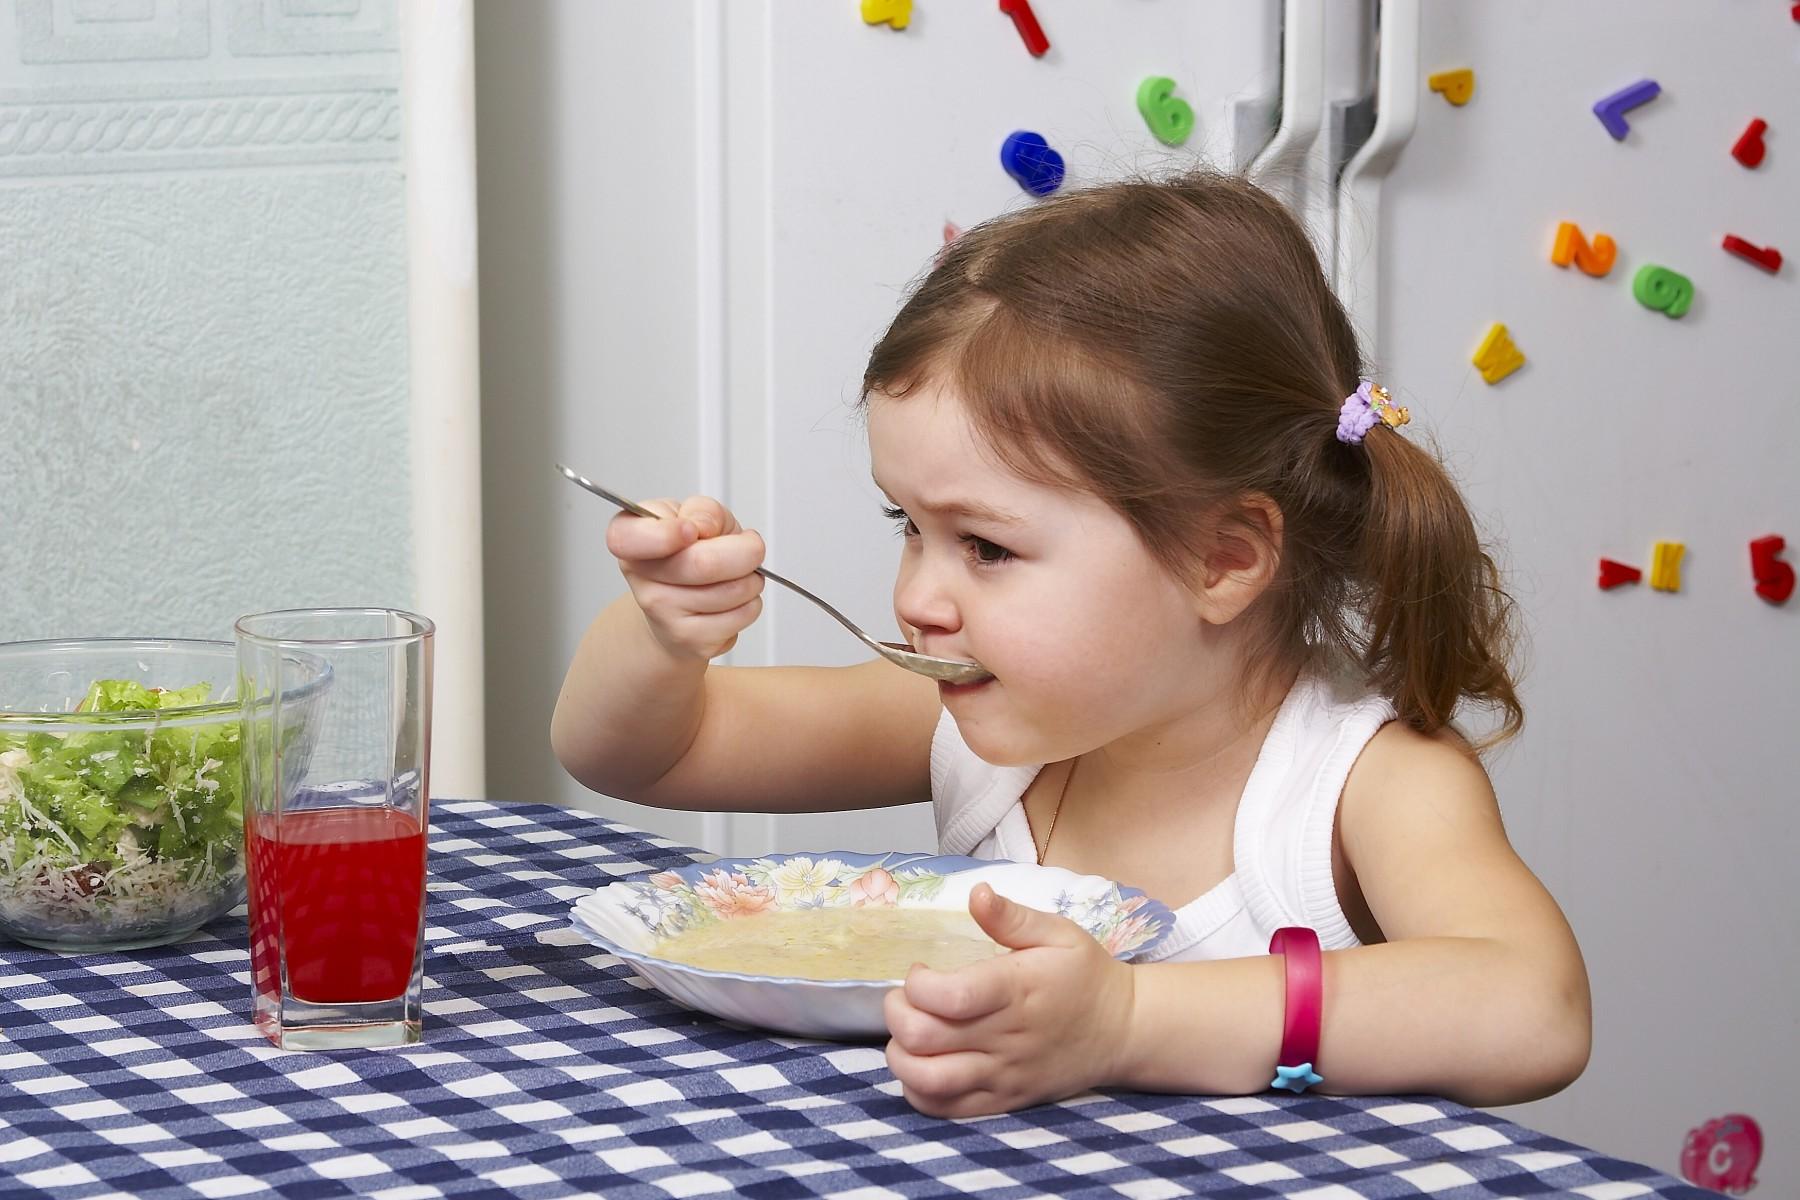 Картинки по запросу ребенок красиво кушает